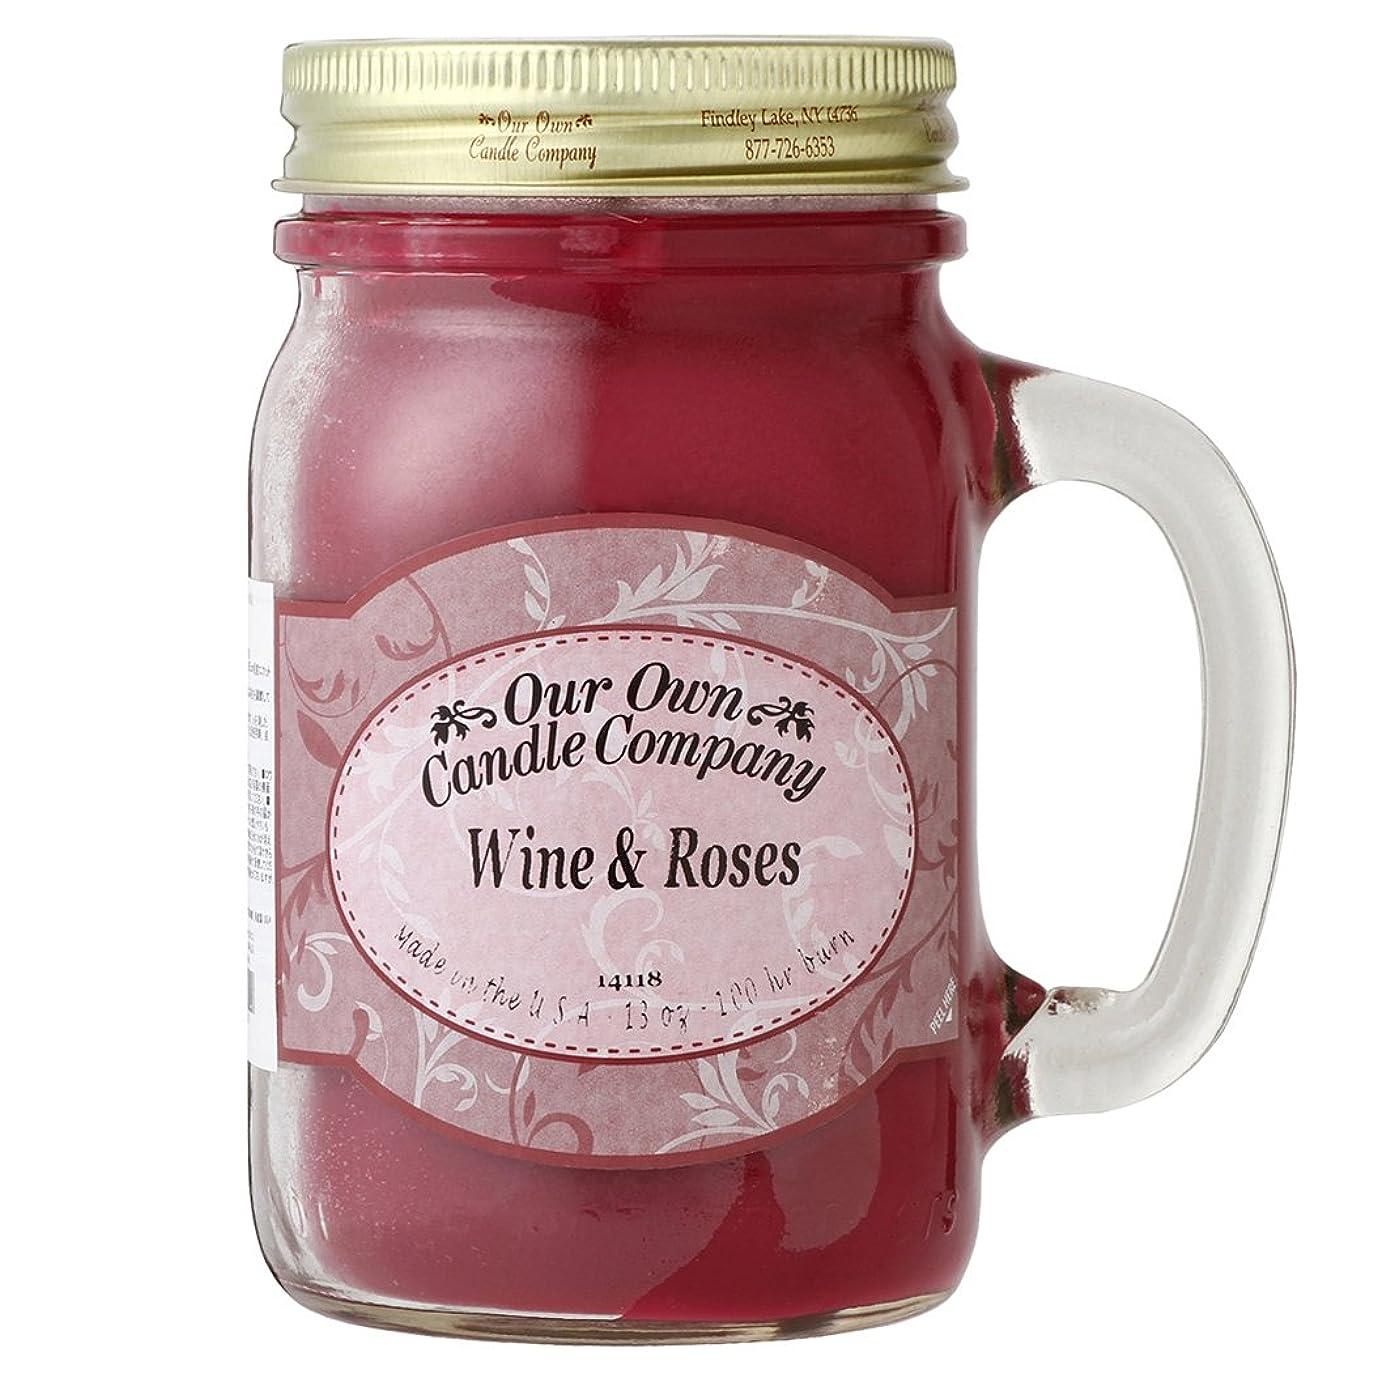 消毒剤花永続Our Own Candle Company メイソンジャーキャンドル ラージサイズ ワイン&ローズ OU100129